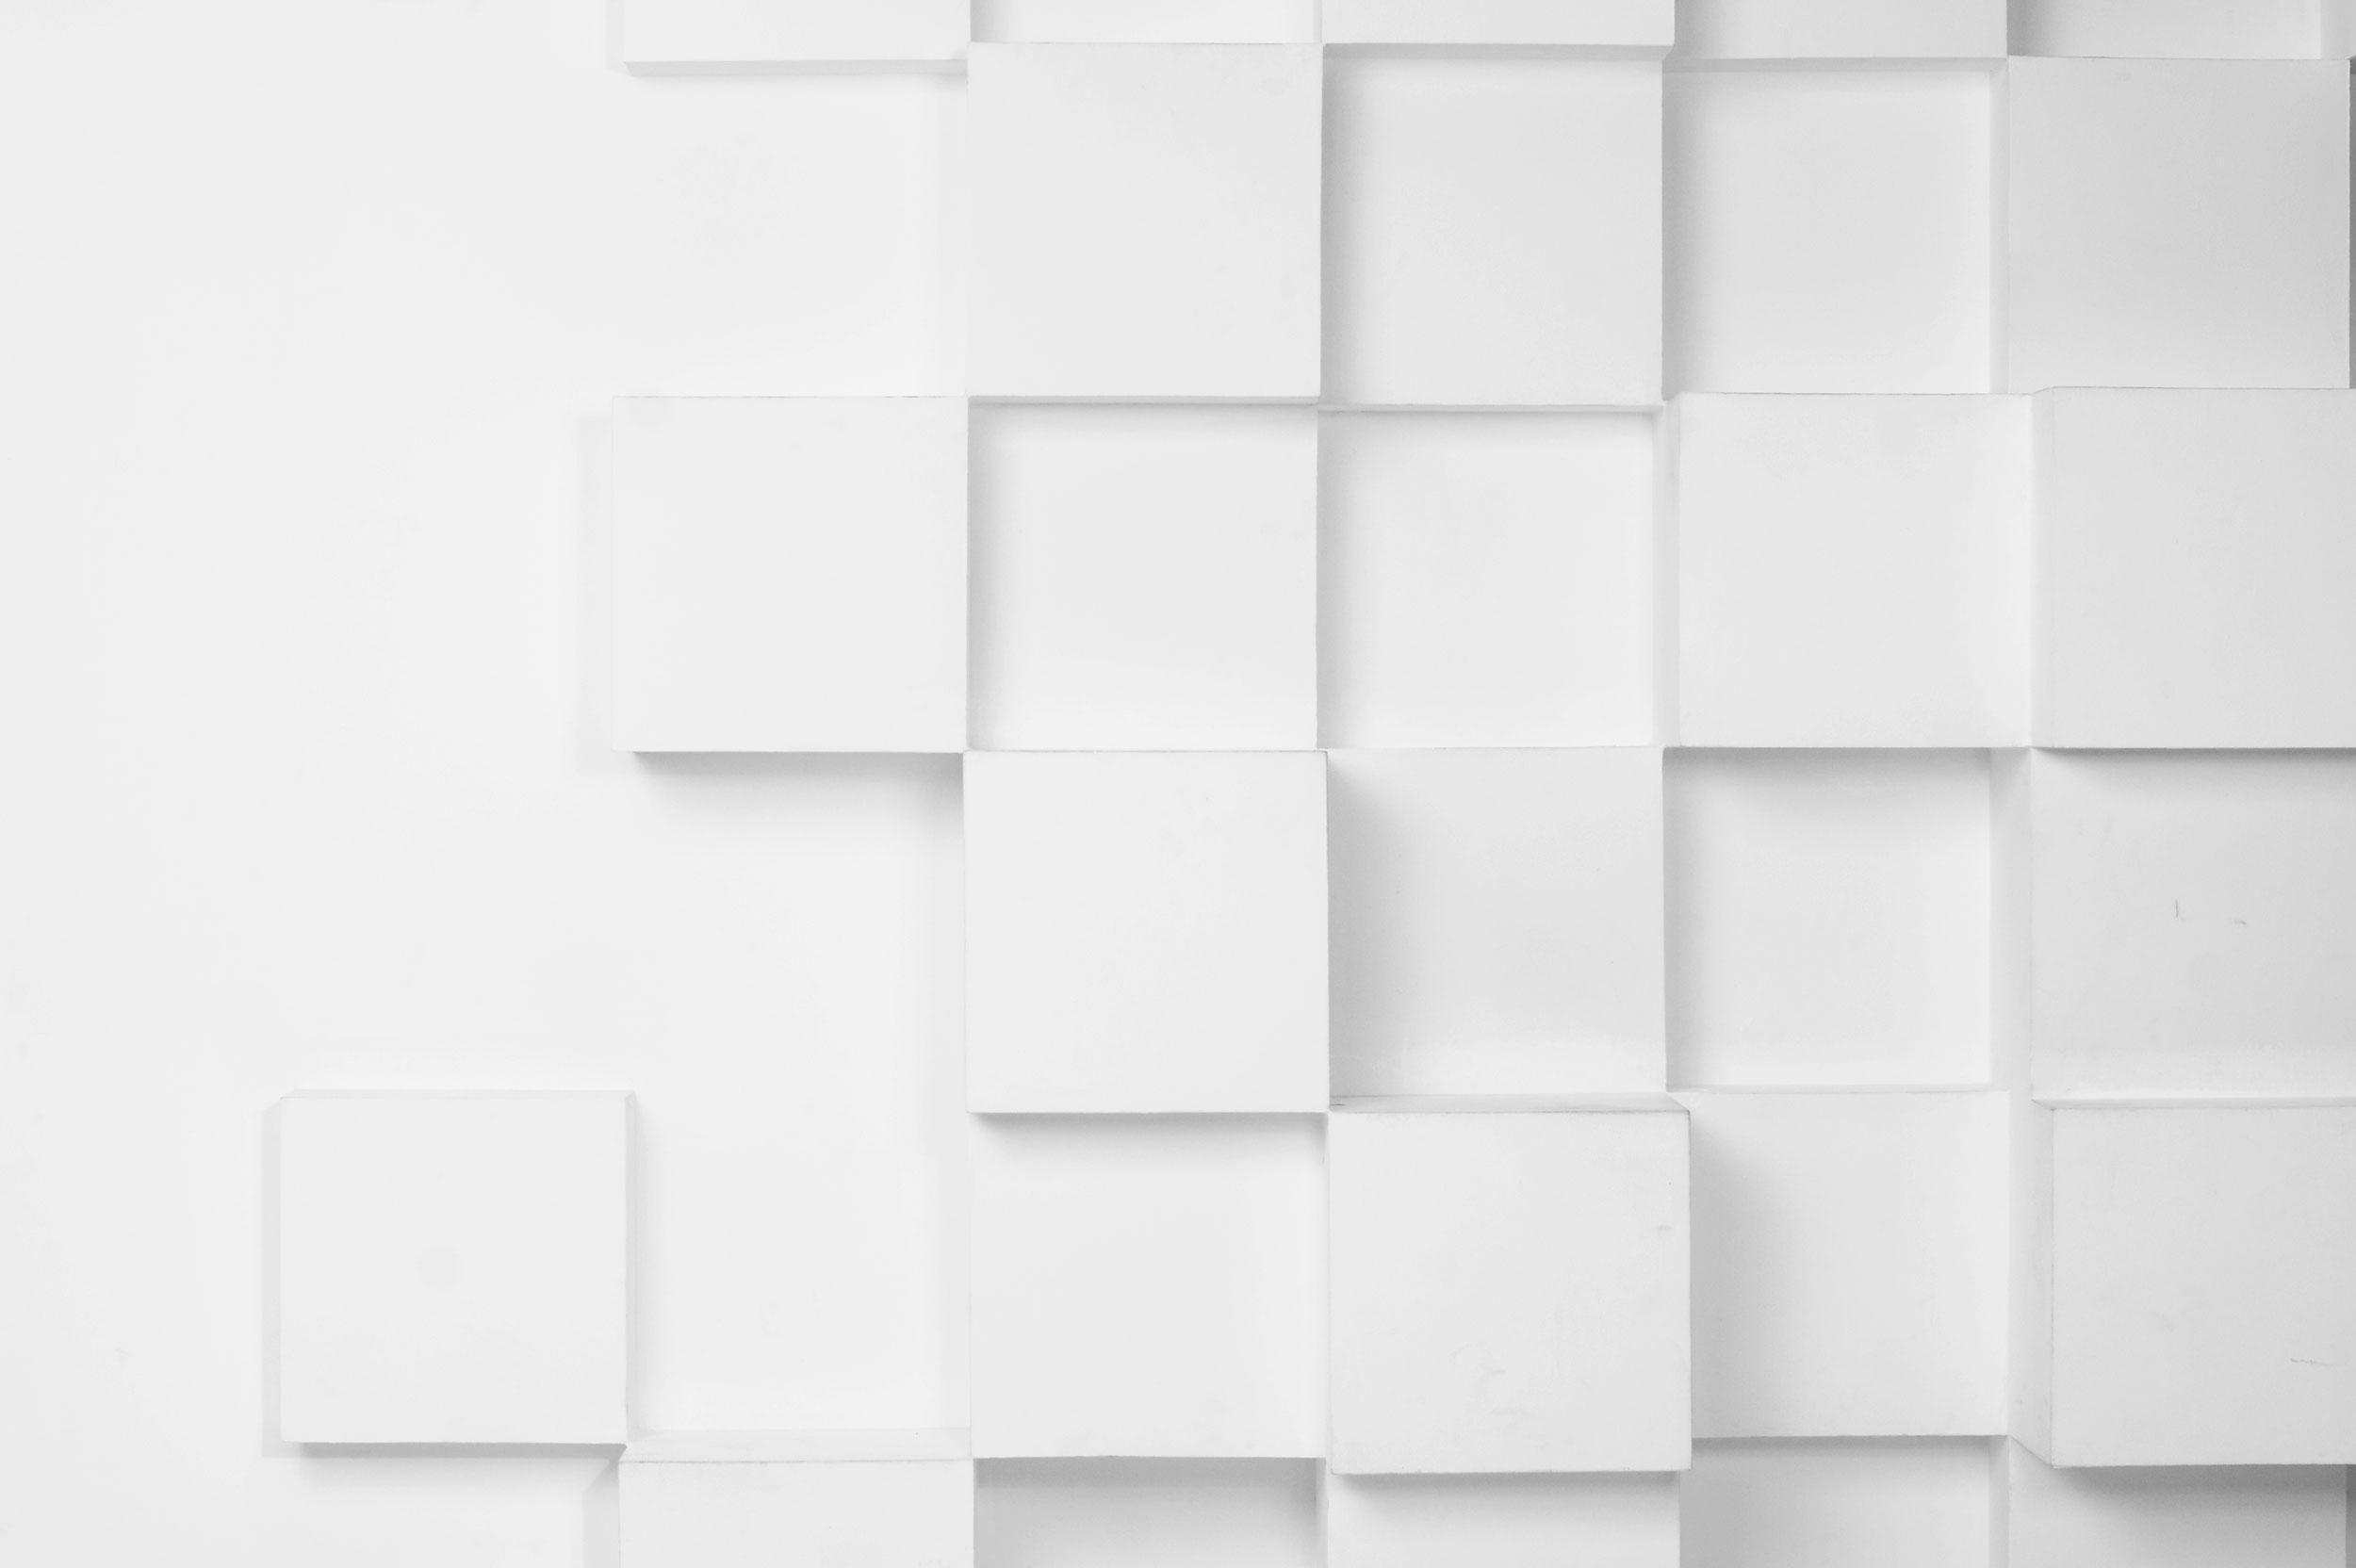 bkg_white_squares